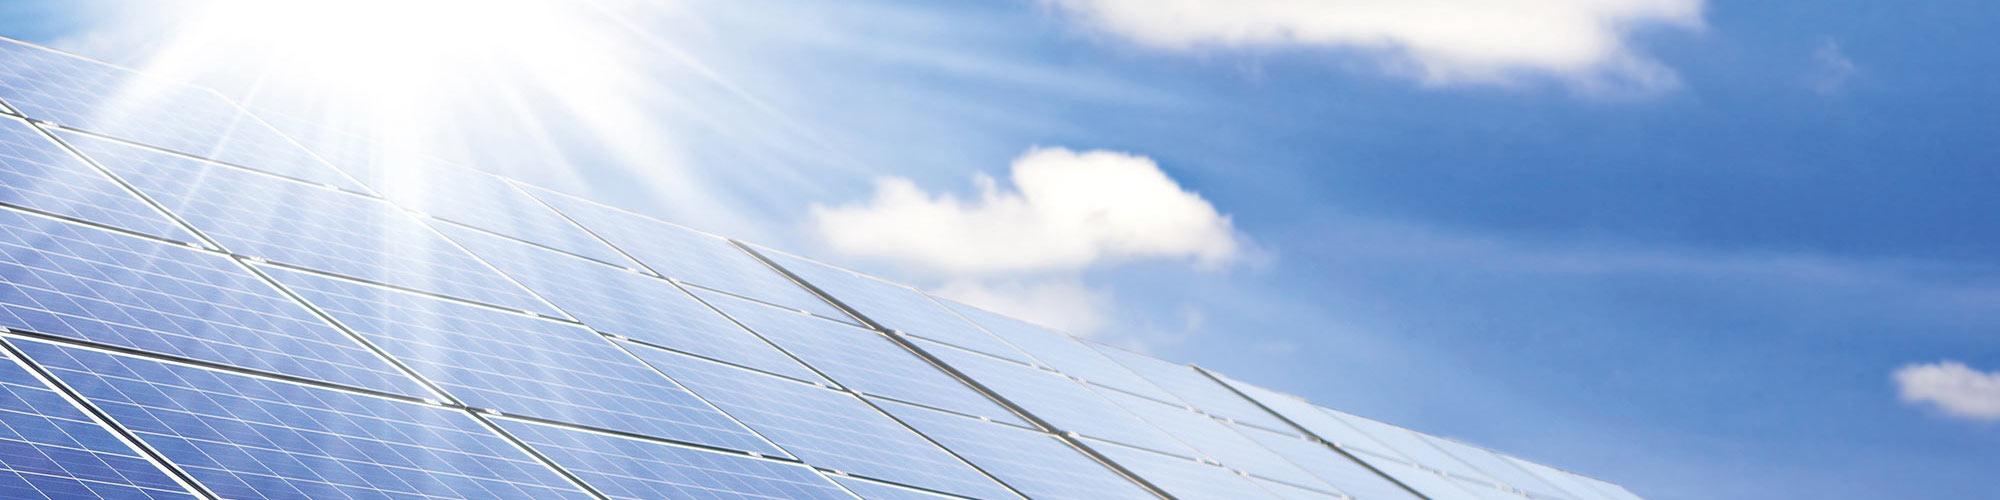 Haute sécurité de fonctionnement et plus de rendement des énergies renouvelables